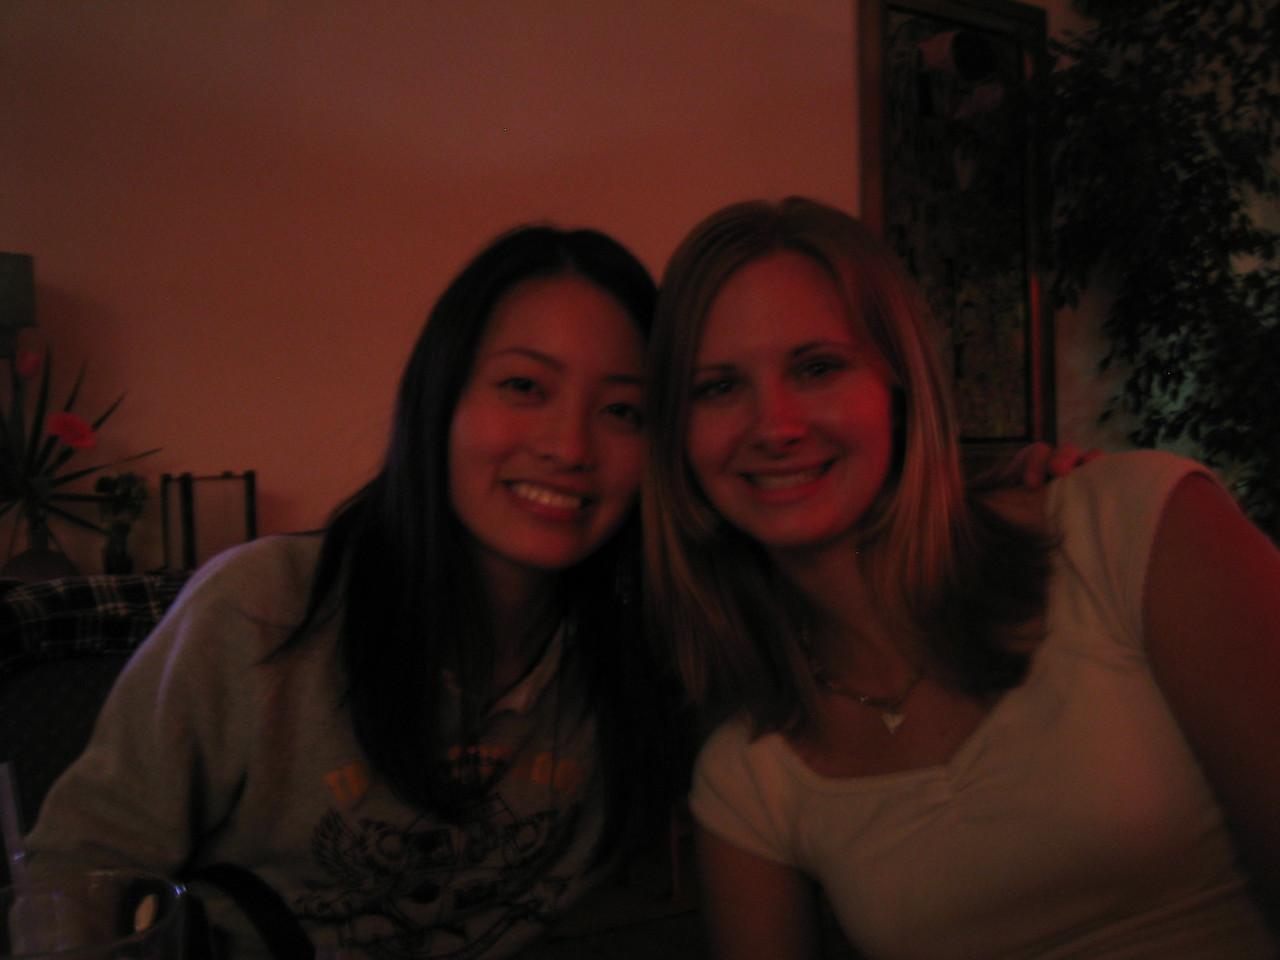 2004 05 15 Saturday - @ Everett & Jones back room jazz - Estee & Melody